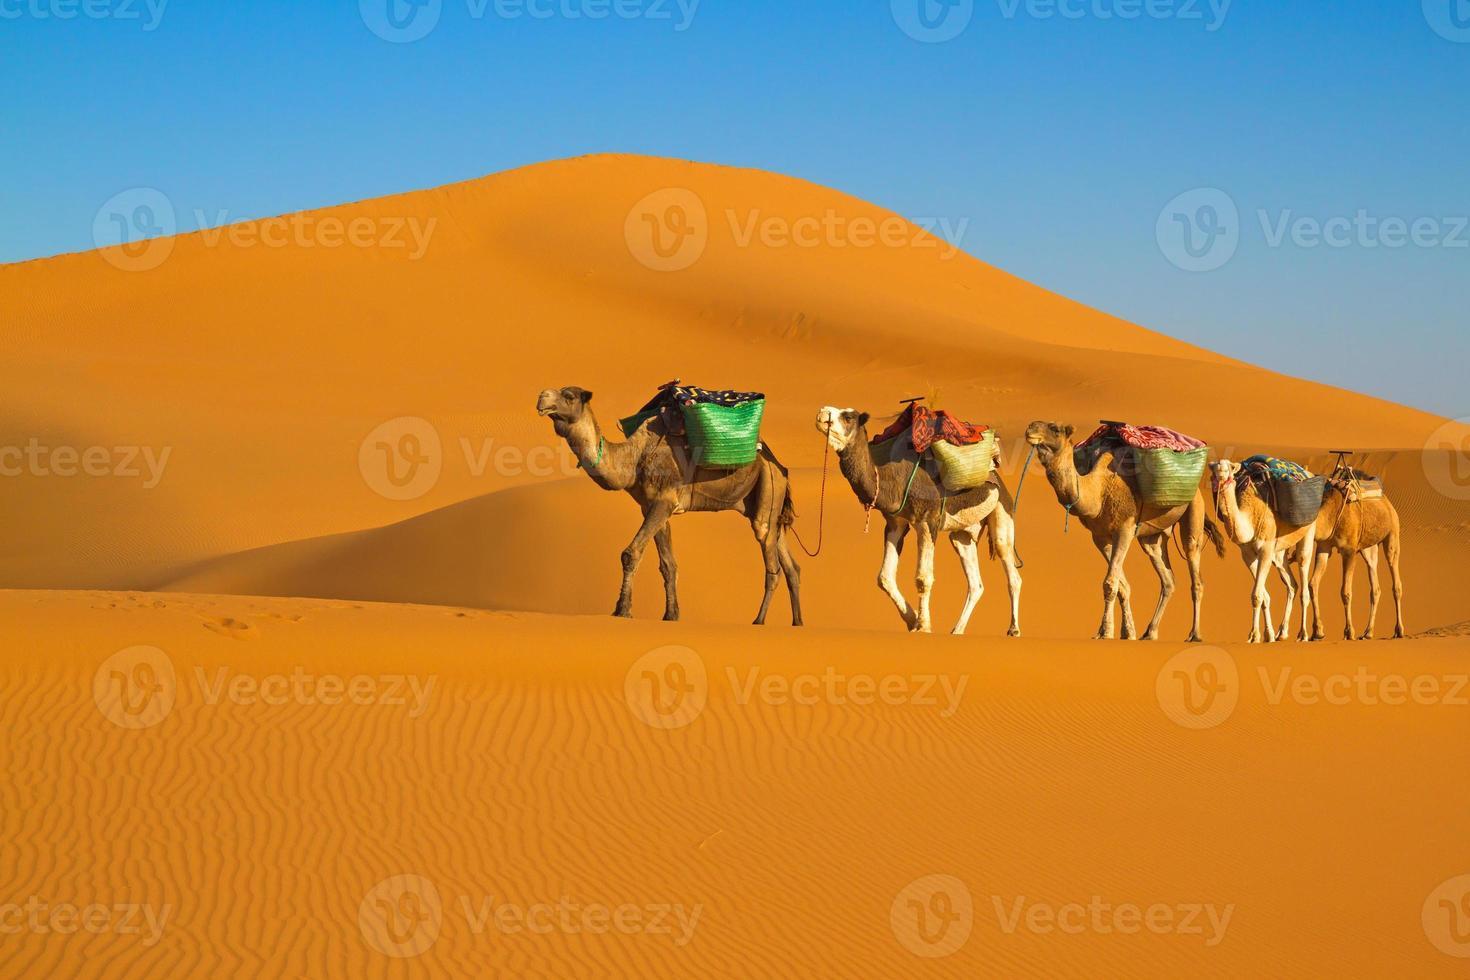 woestijn caravan foto